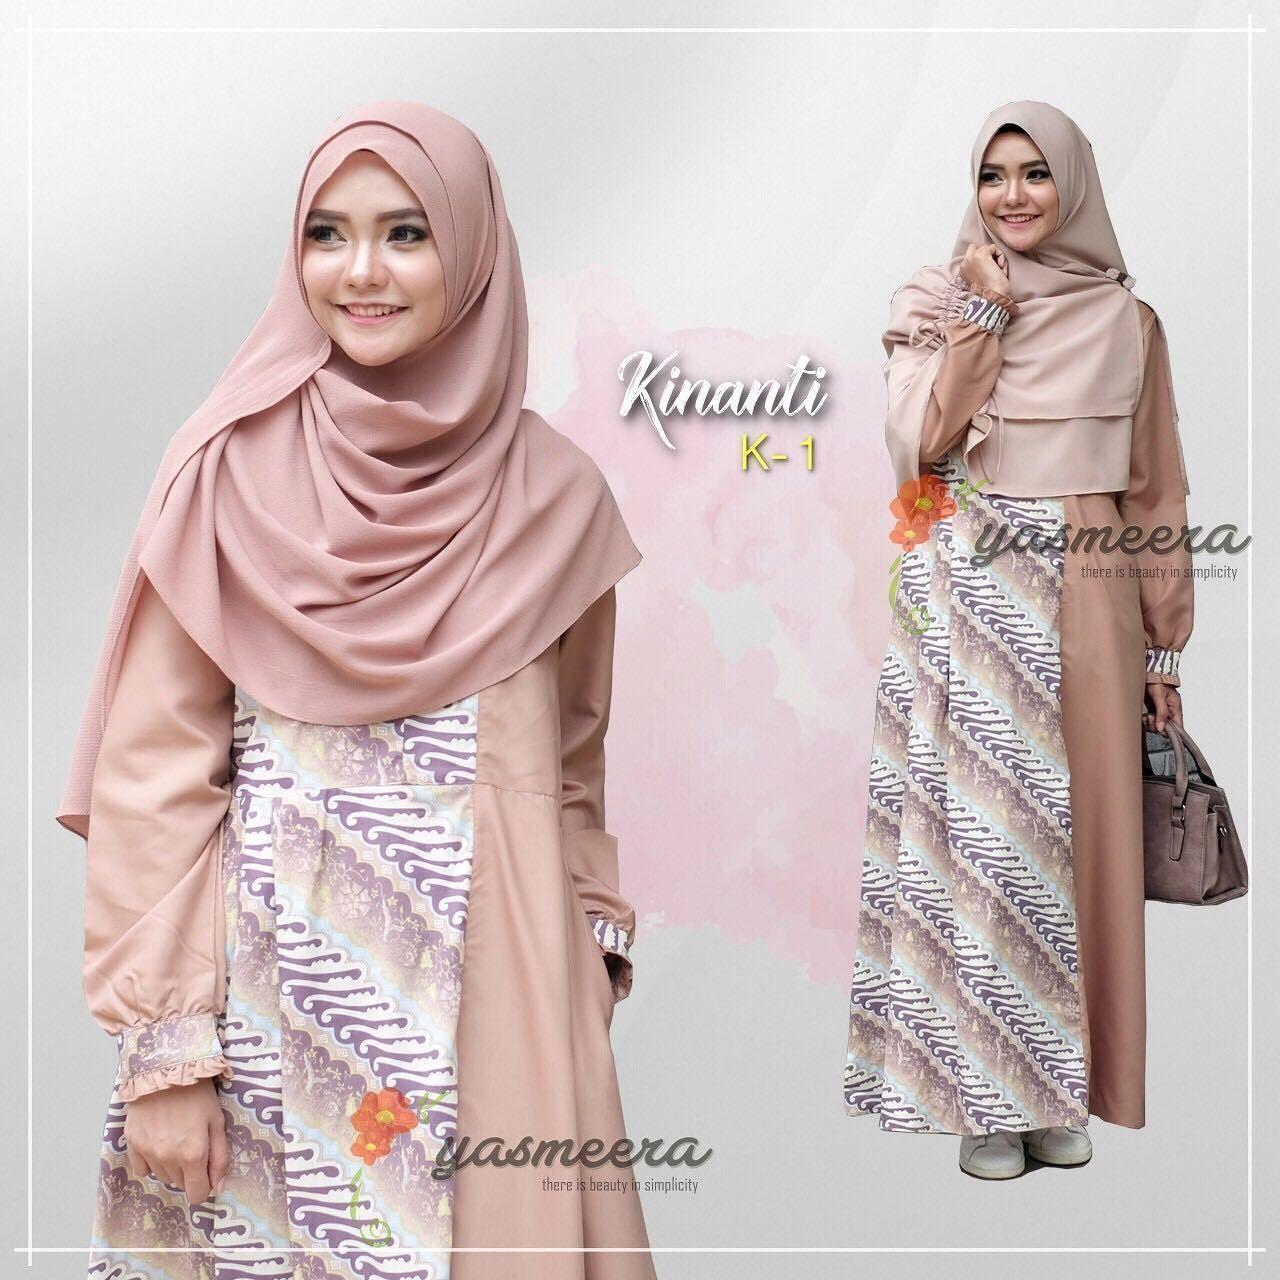 Gamis Yasmeera Kinanti Dress K1 - baju gamis wanita busana muslim Untukmu  yg cantik syari dan dc5db0c845